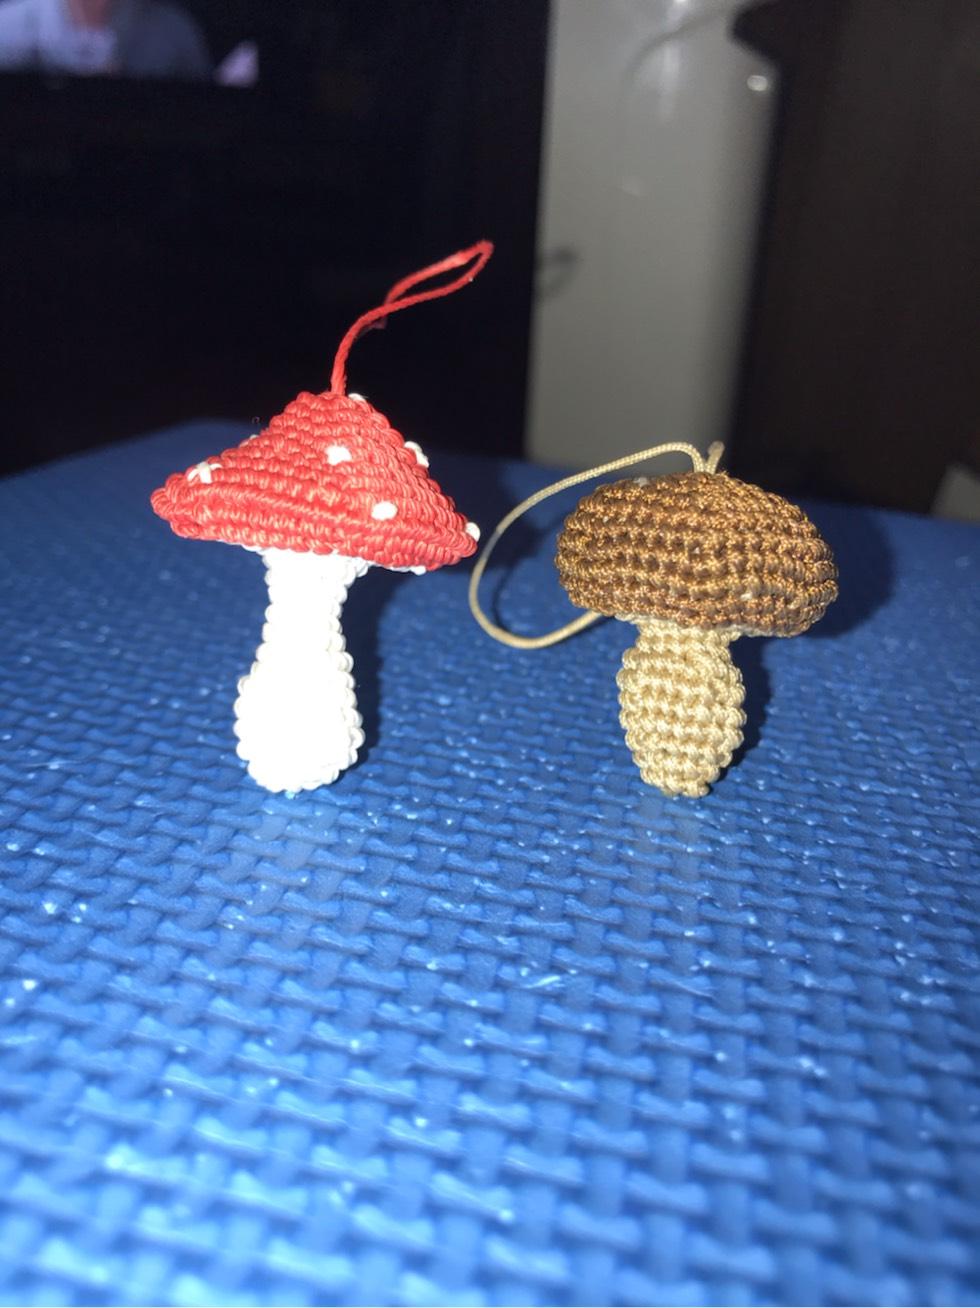 中国结论坛 香菇与蘑菇 褐菇和香菇区别,蘑菇和菌子有什么区别,香菇和蘑菇哪个营养高,板菇和香菇的区别,原菇是不是香菇 作品展示 205801yvnqqphlcxwqphta